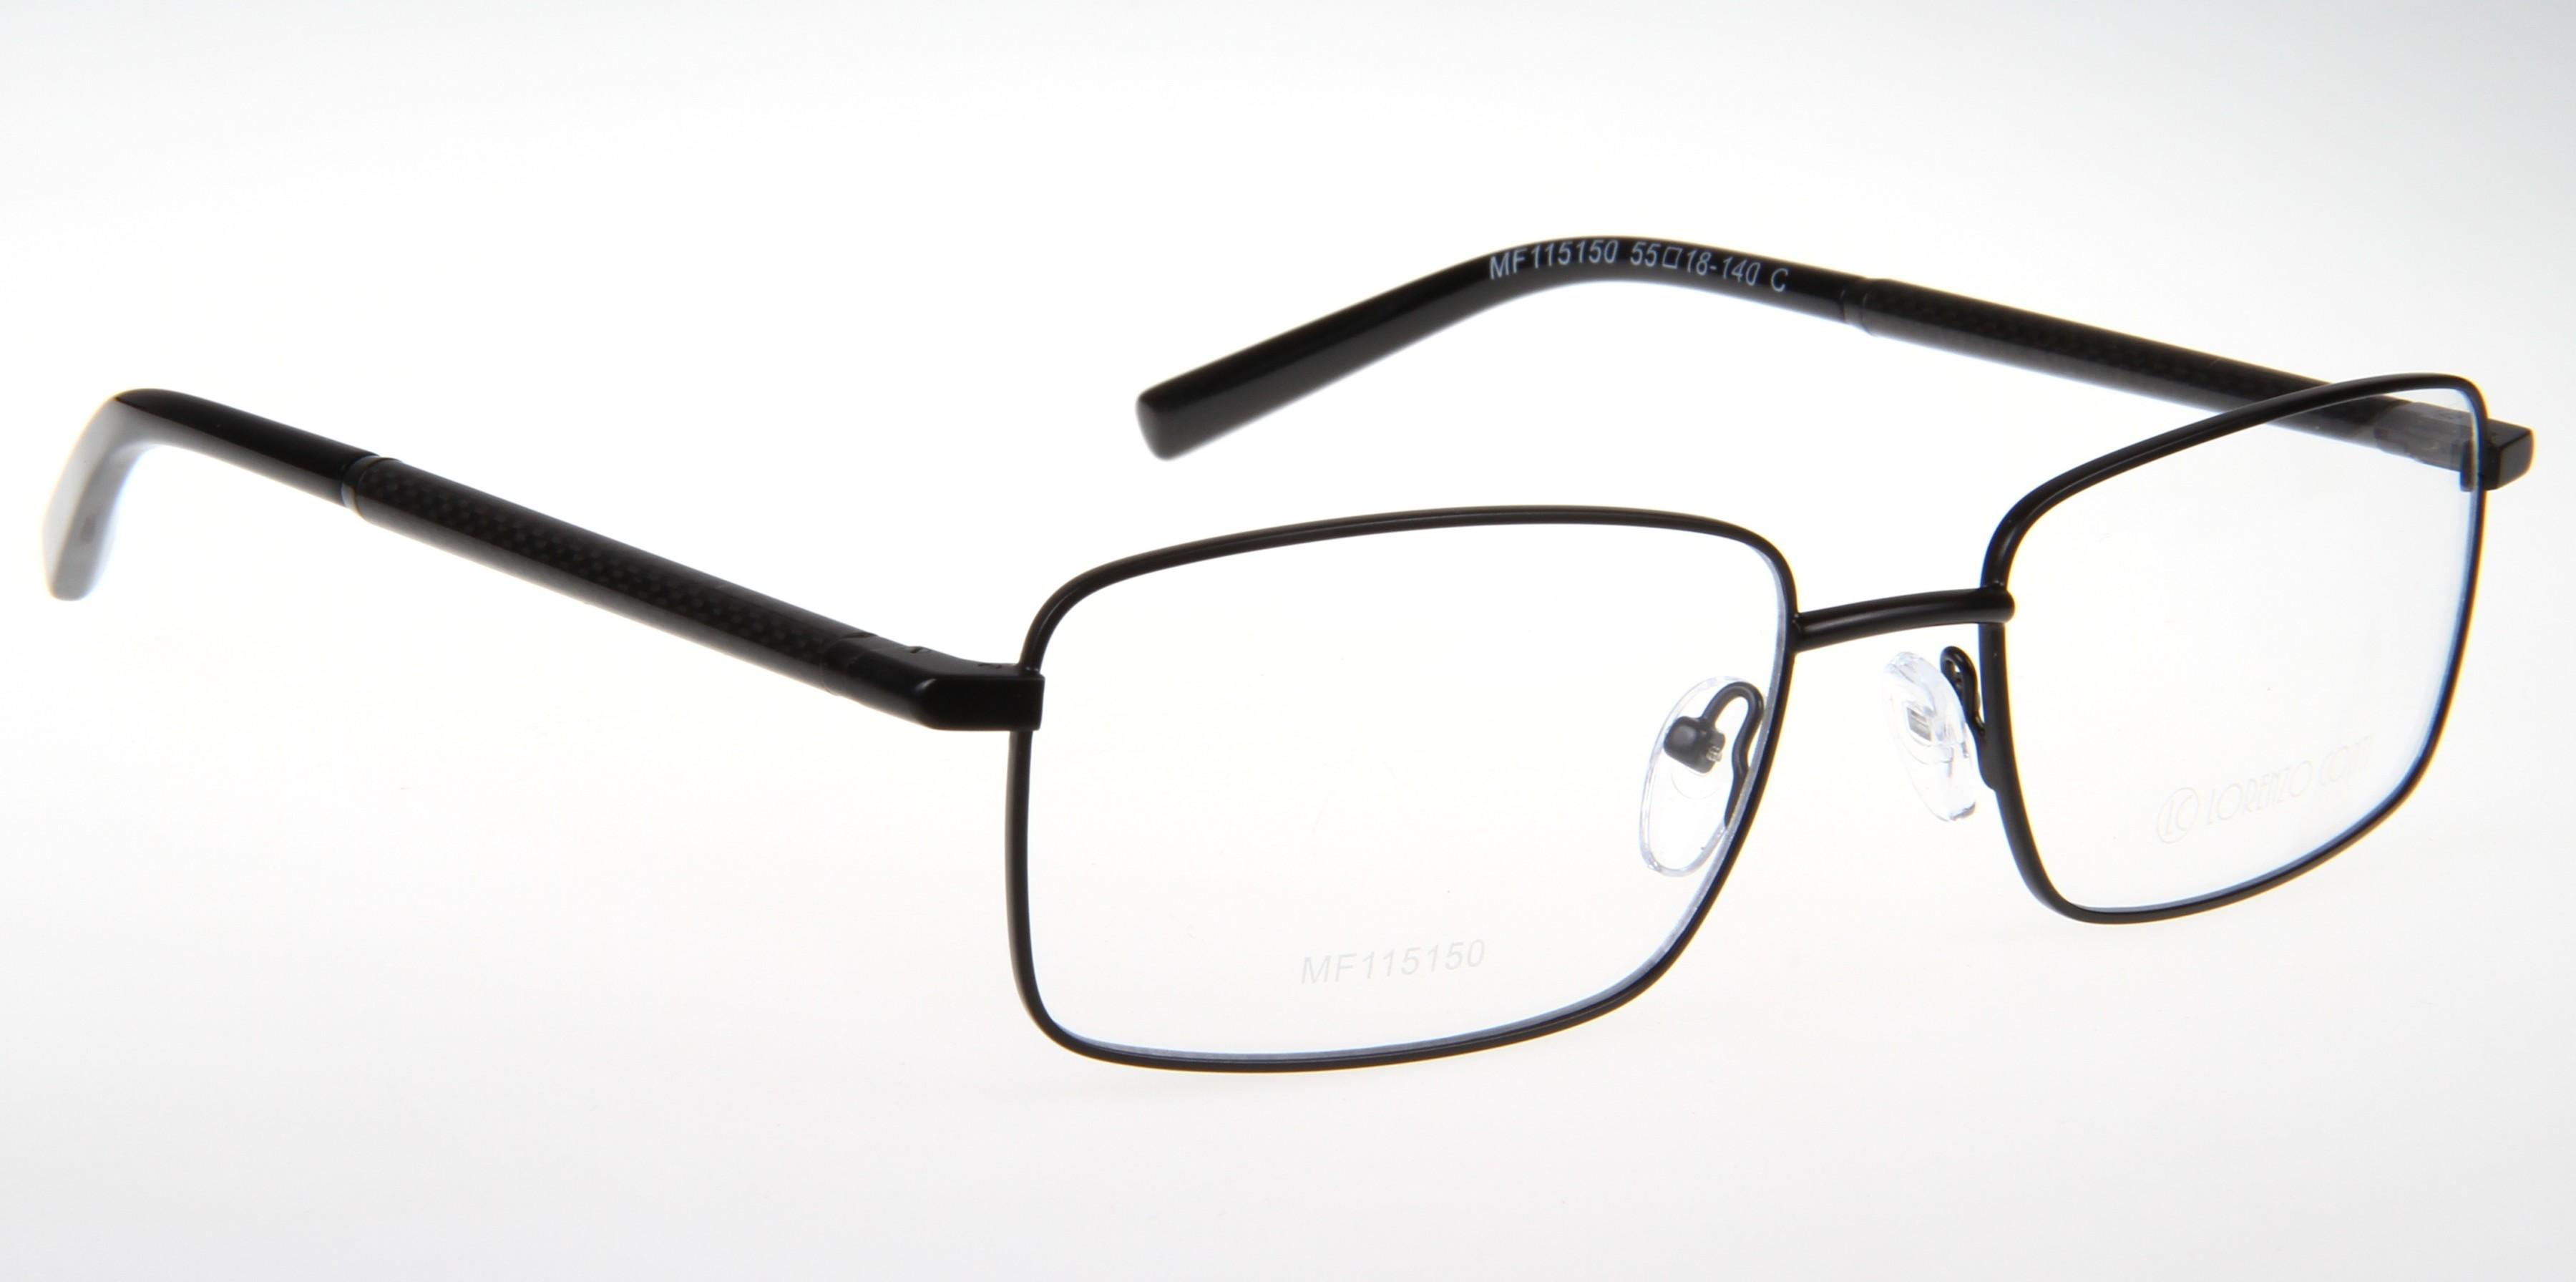 Oprawki okularowe Lorenzo MF115150 col. C czarny